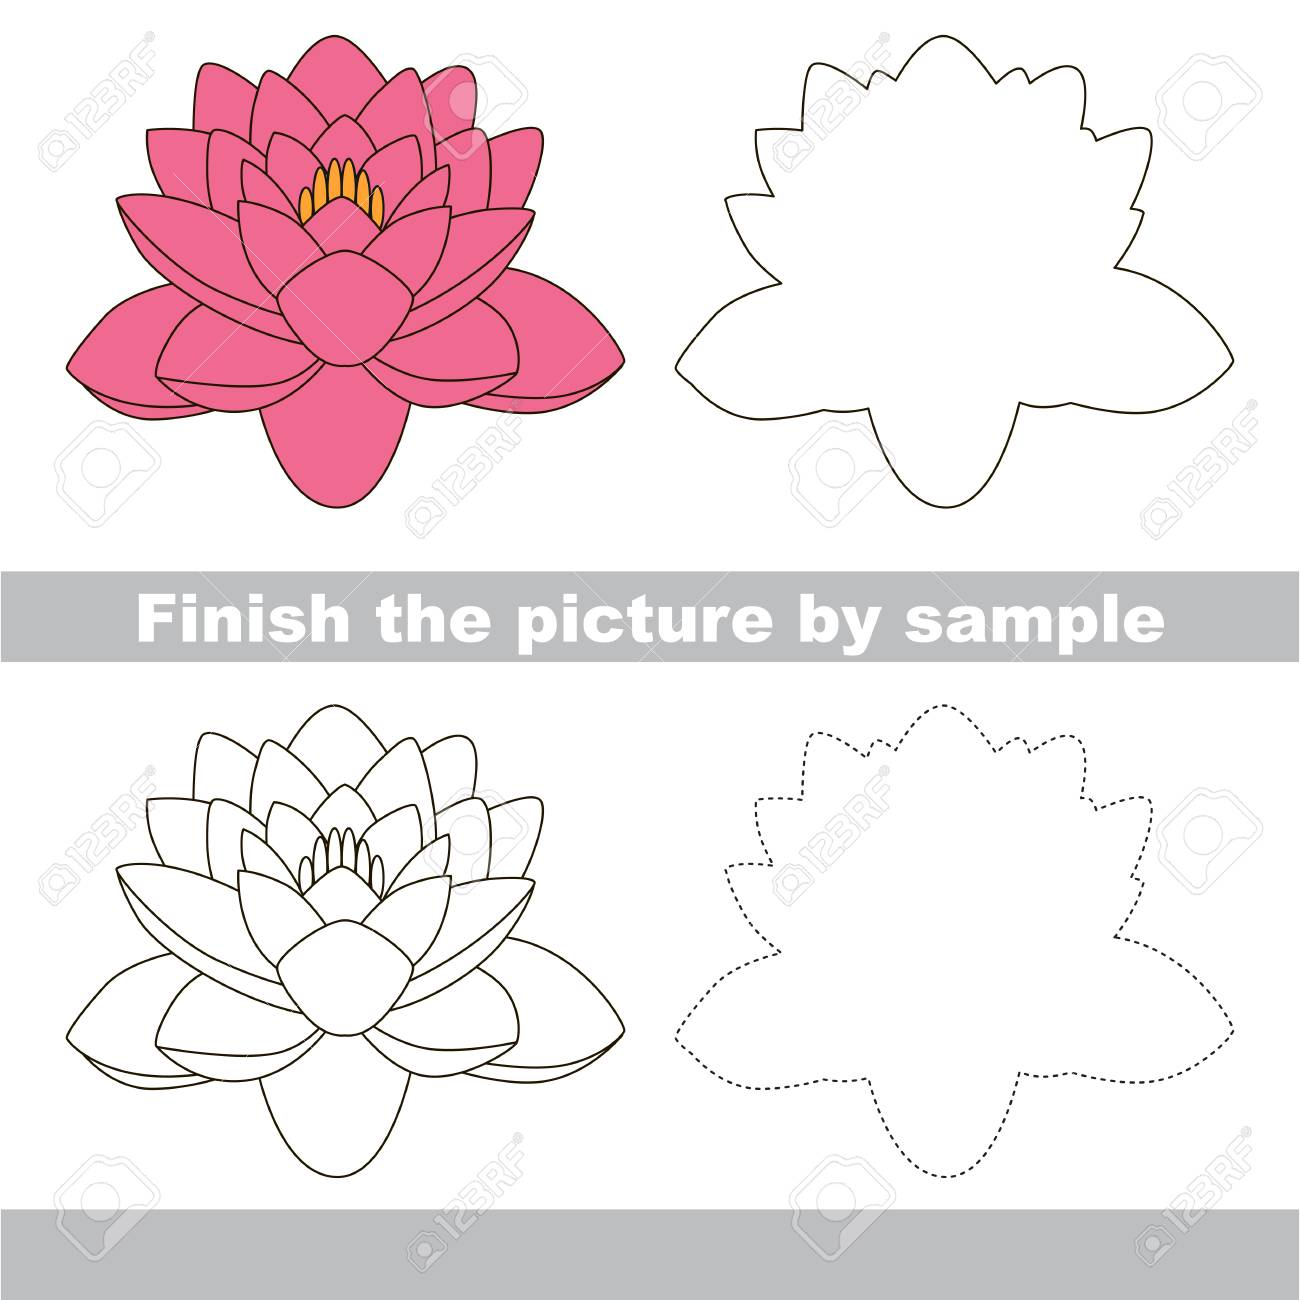 Ausgezeichnet Lotus 123 Arbeitsblatt Bilder - Super Lehrer ...